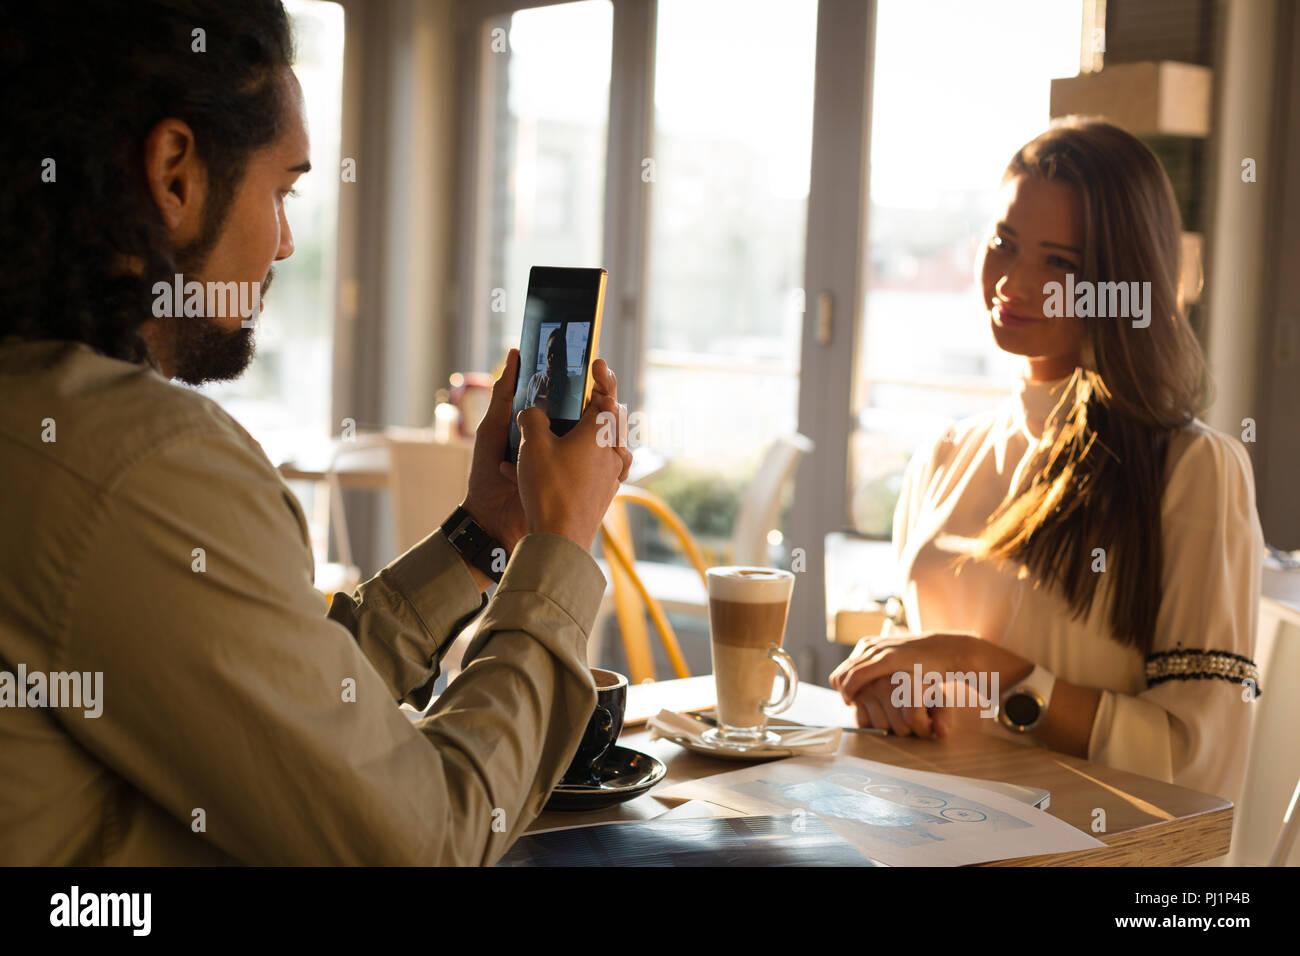 El hombre toma de fotografía de su compañero Imagen De Stock